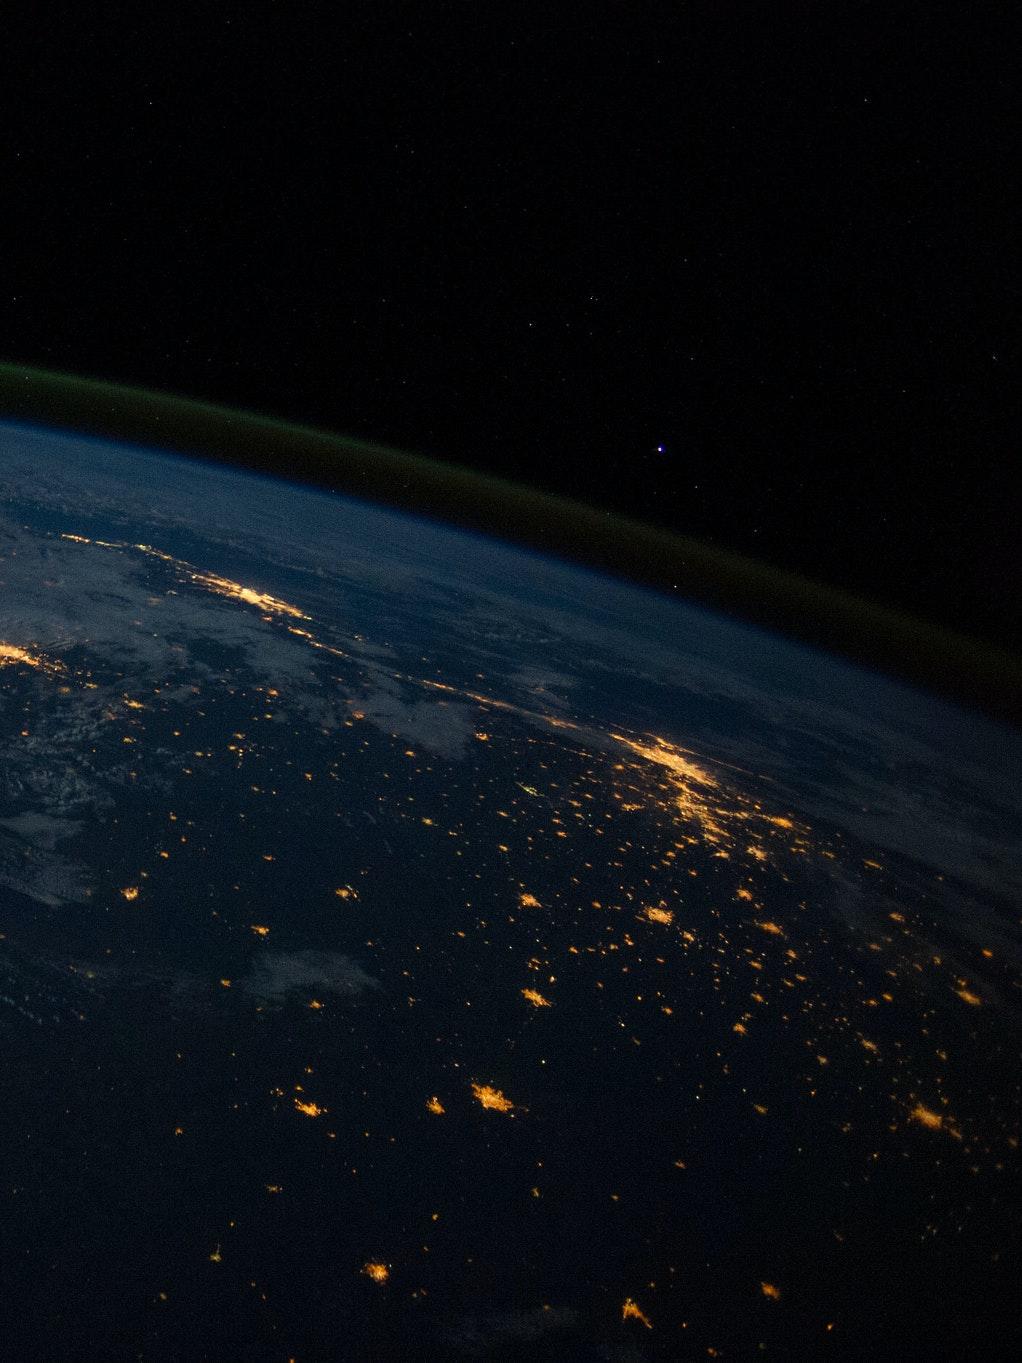 Rio de Janeiro from space